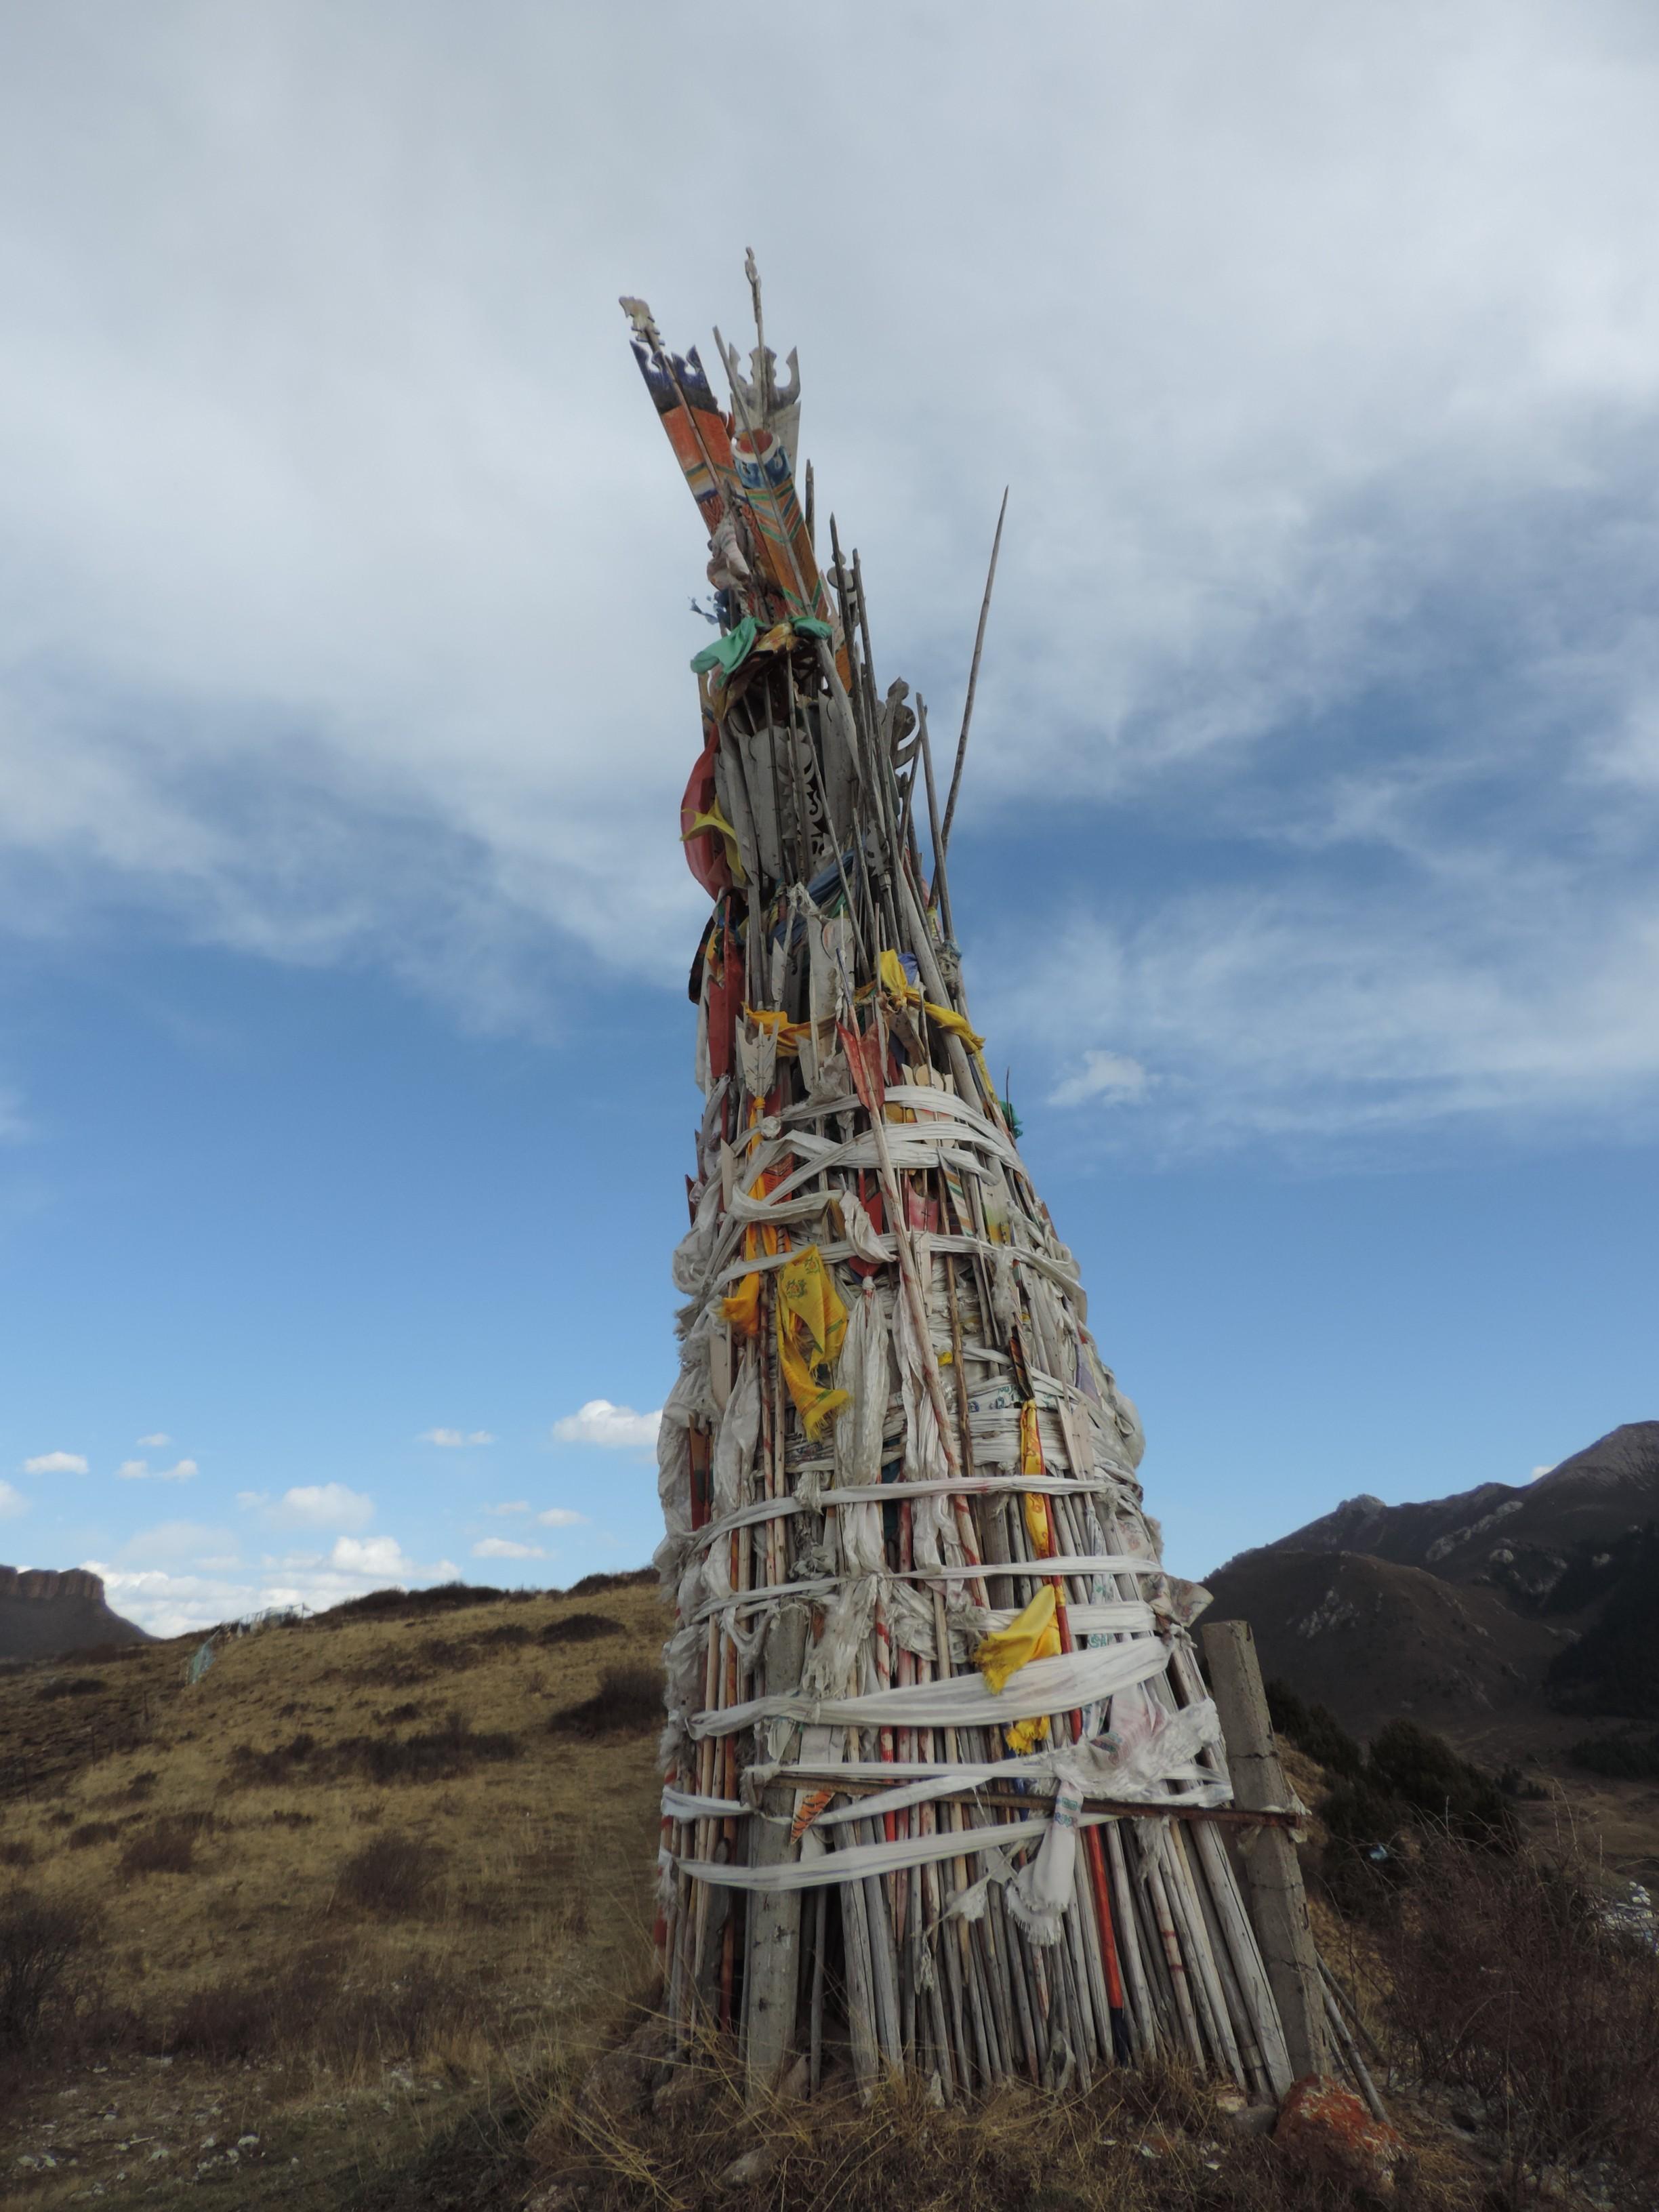 Rencontres tibetaines